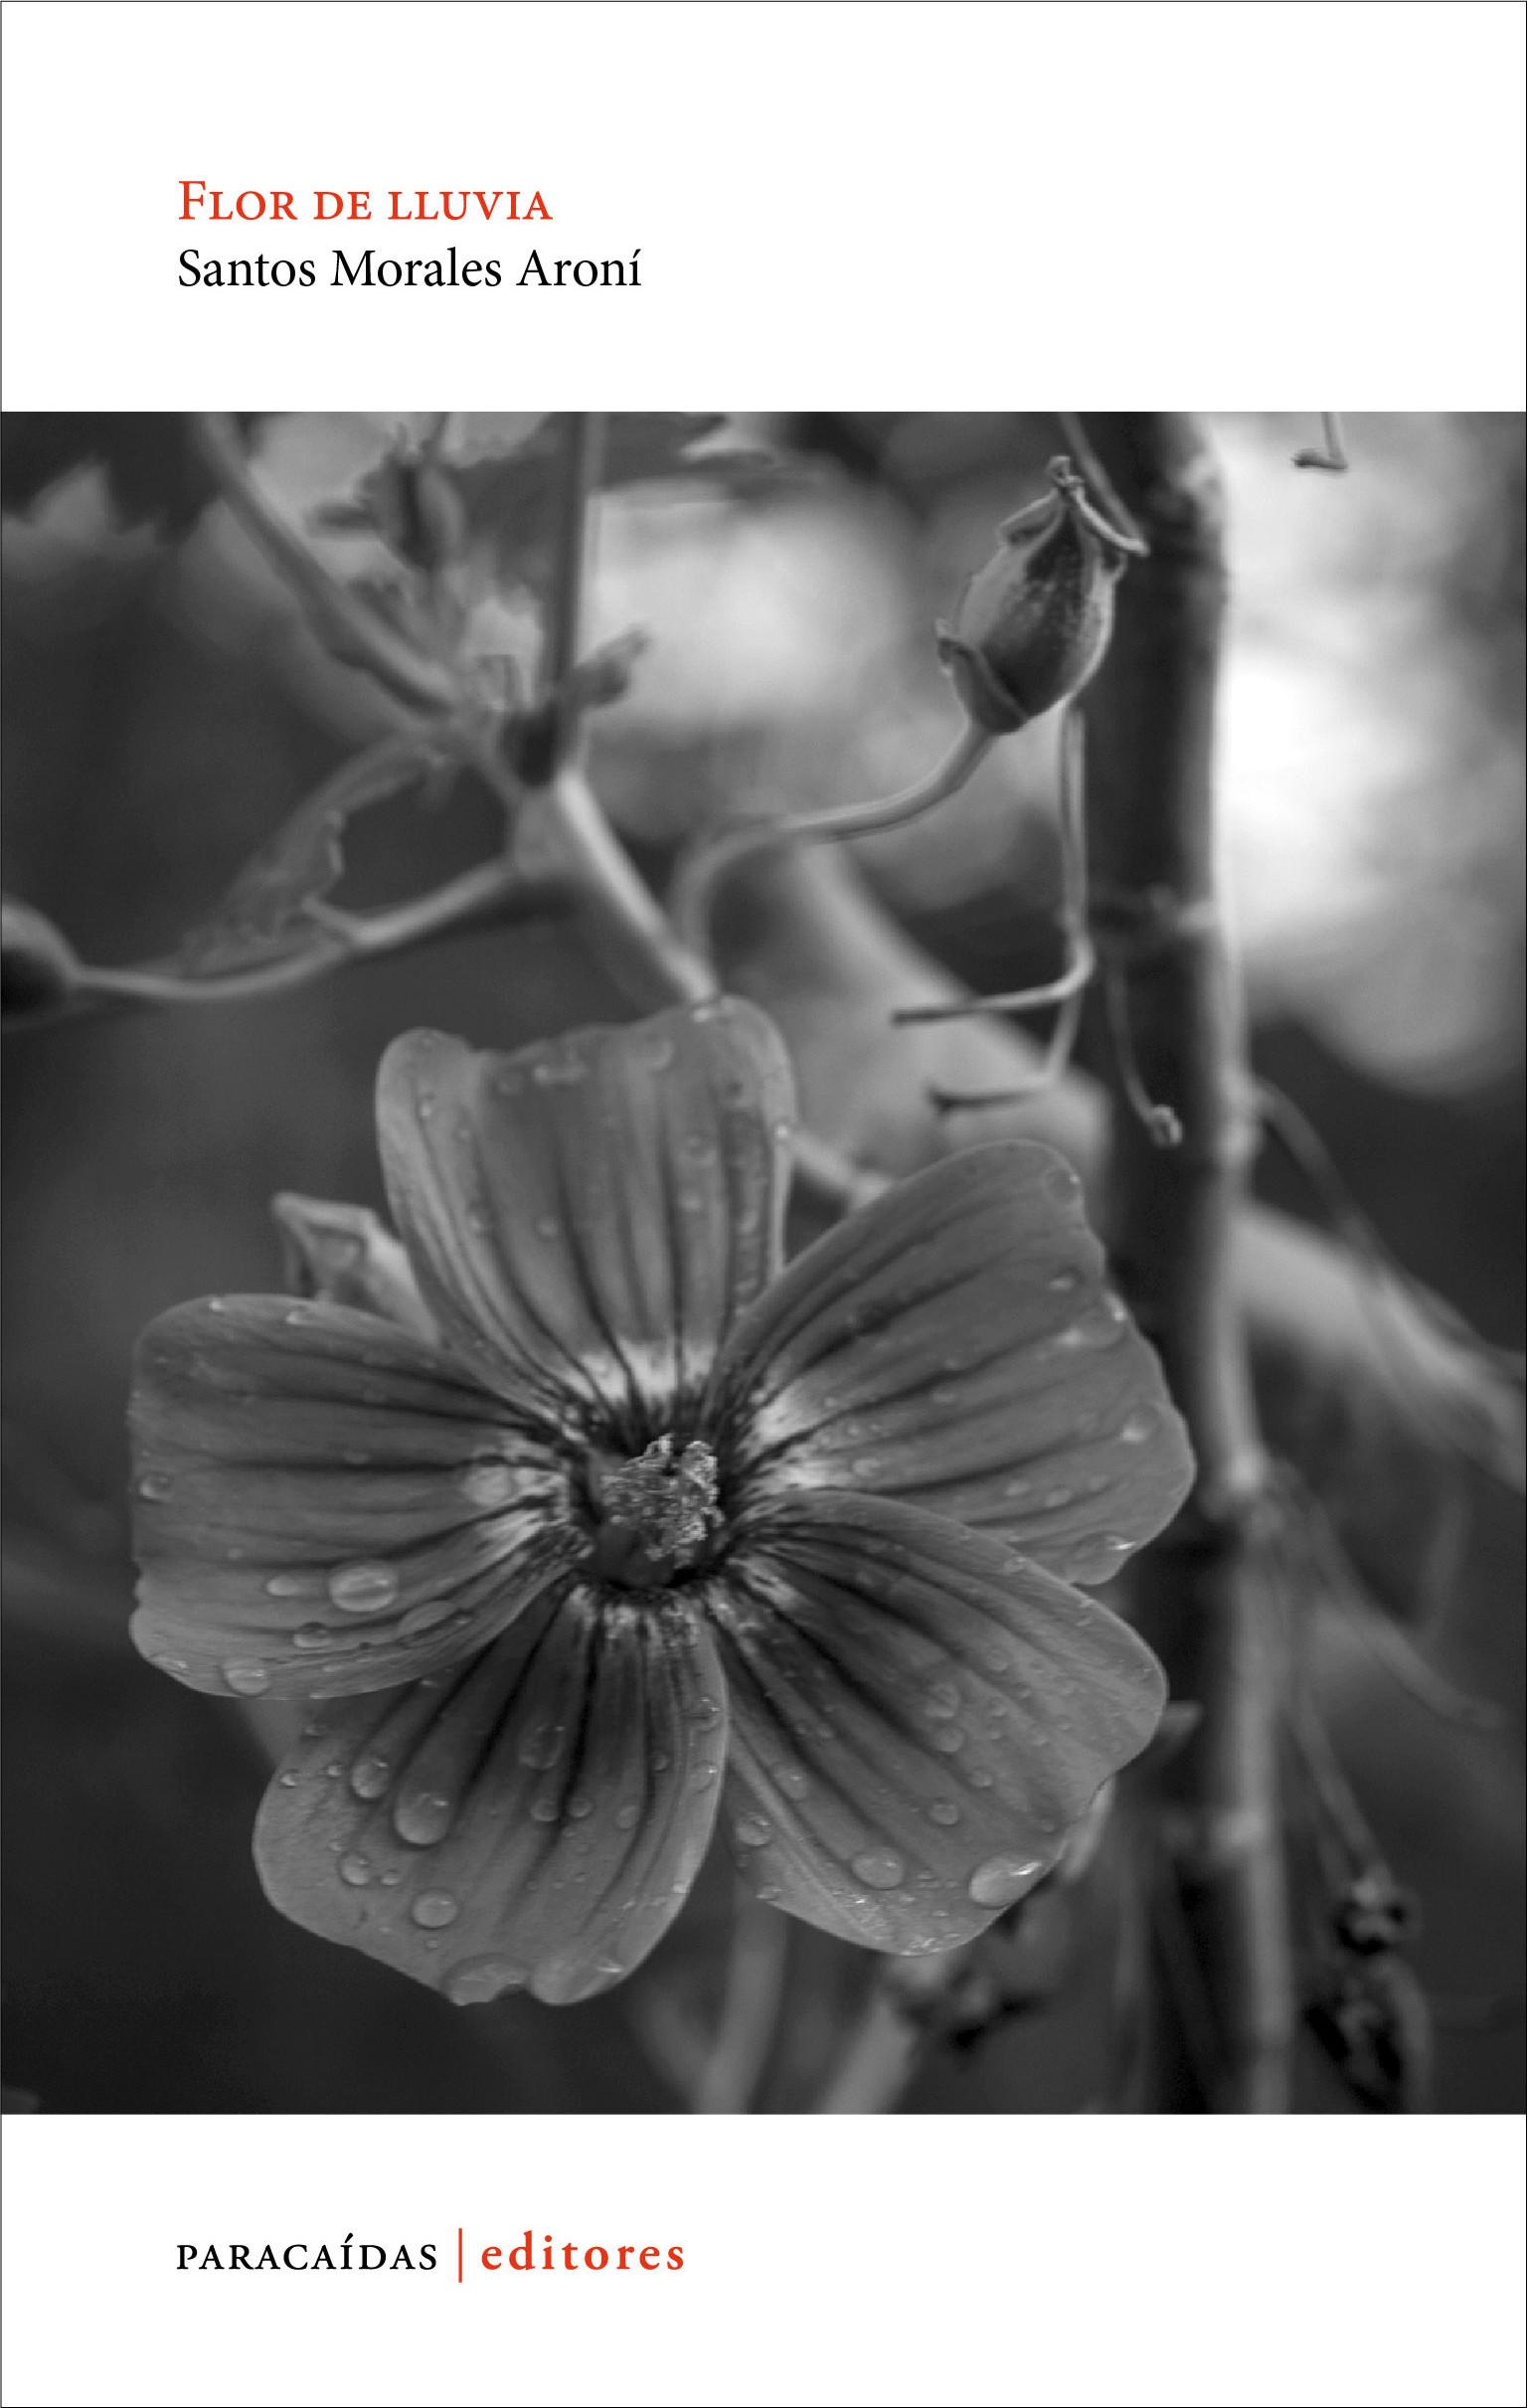 Flor de lluvia